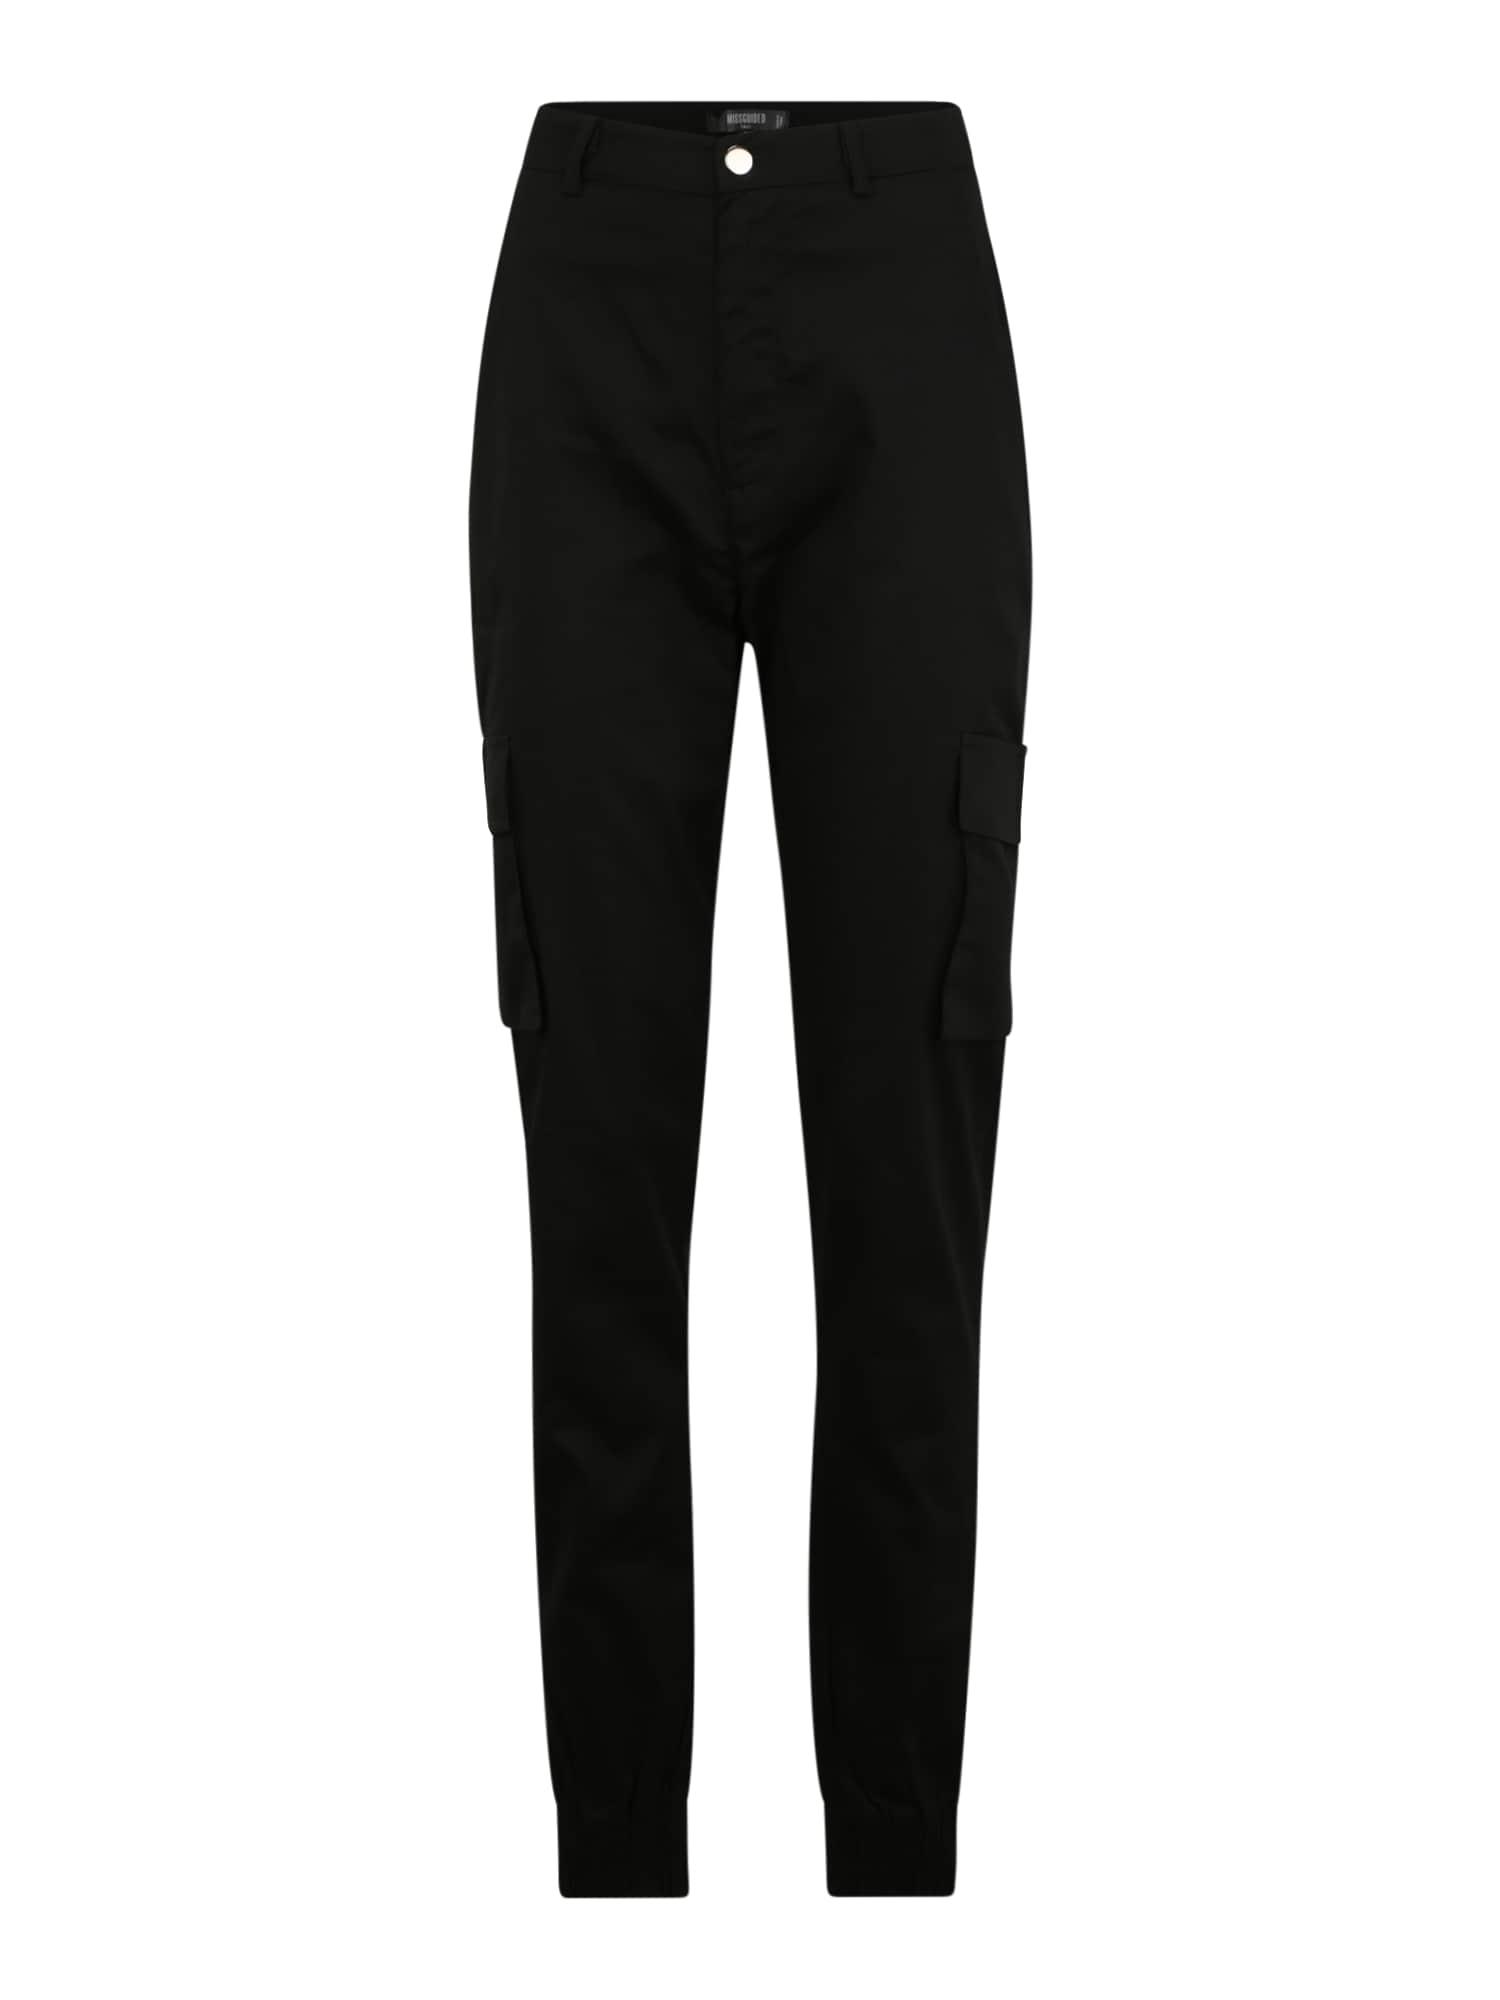 Missguided (Tall) Laisvo stiliaus kelnės juoda